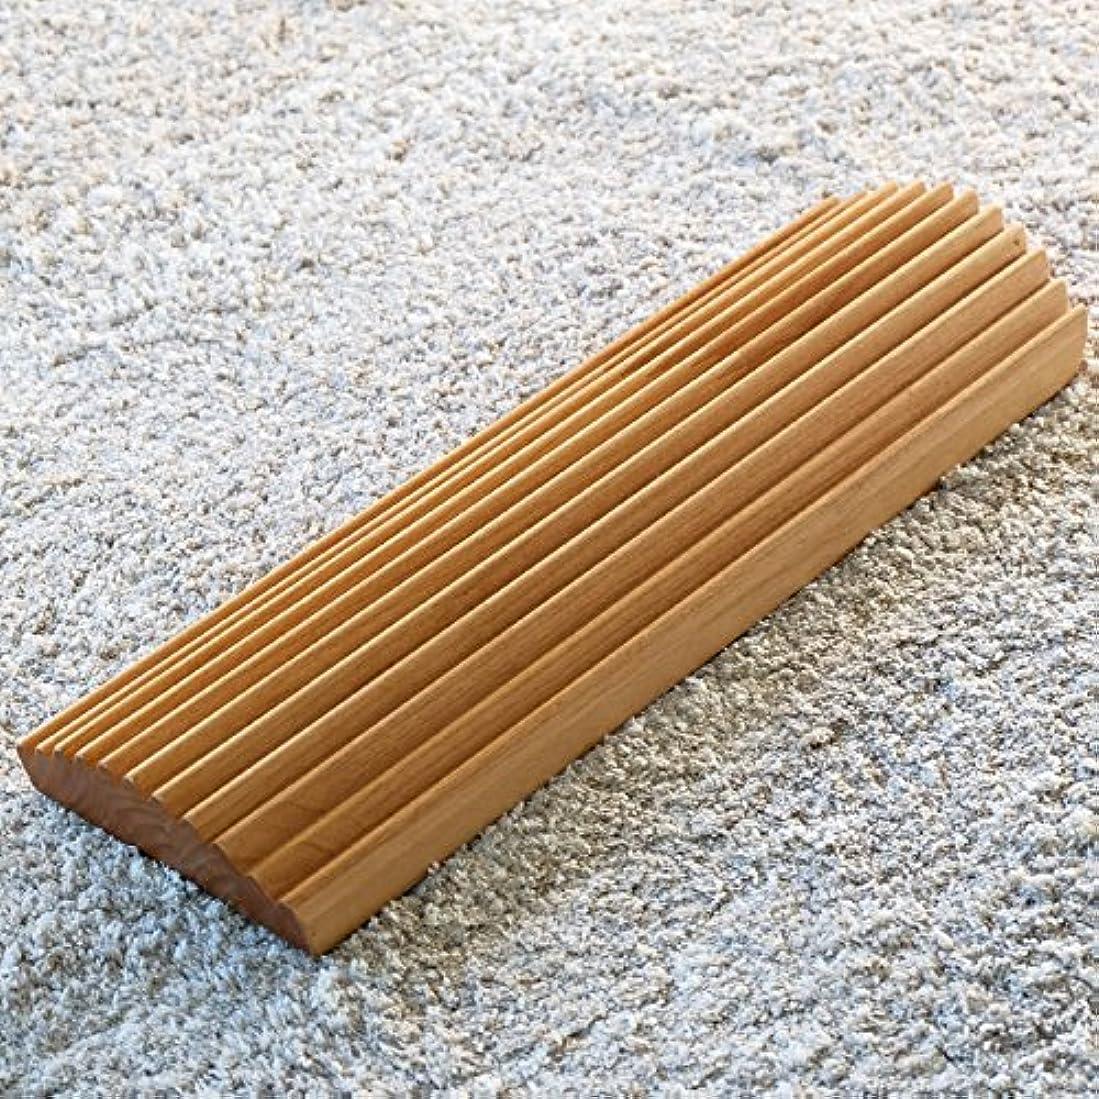 同じ証言するラリーISSEIKI 足踏み アルダー材 幅40cm FIT ASIFUMI 40 (NA) フットケア 木製 おしゃれ プレゼント 指圧代用 FIT ASIFUMI 40 (AL-NA)